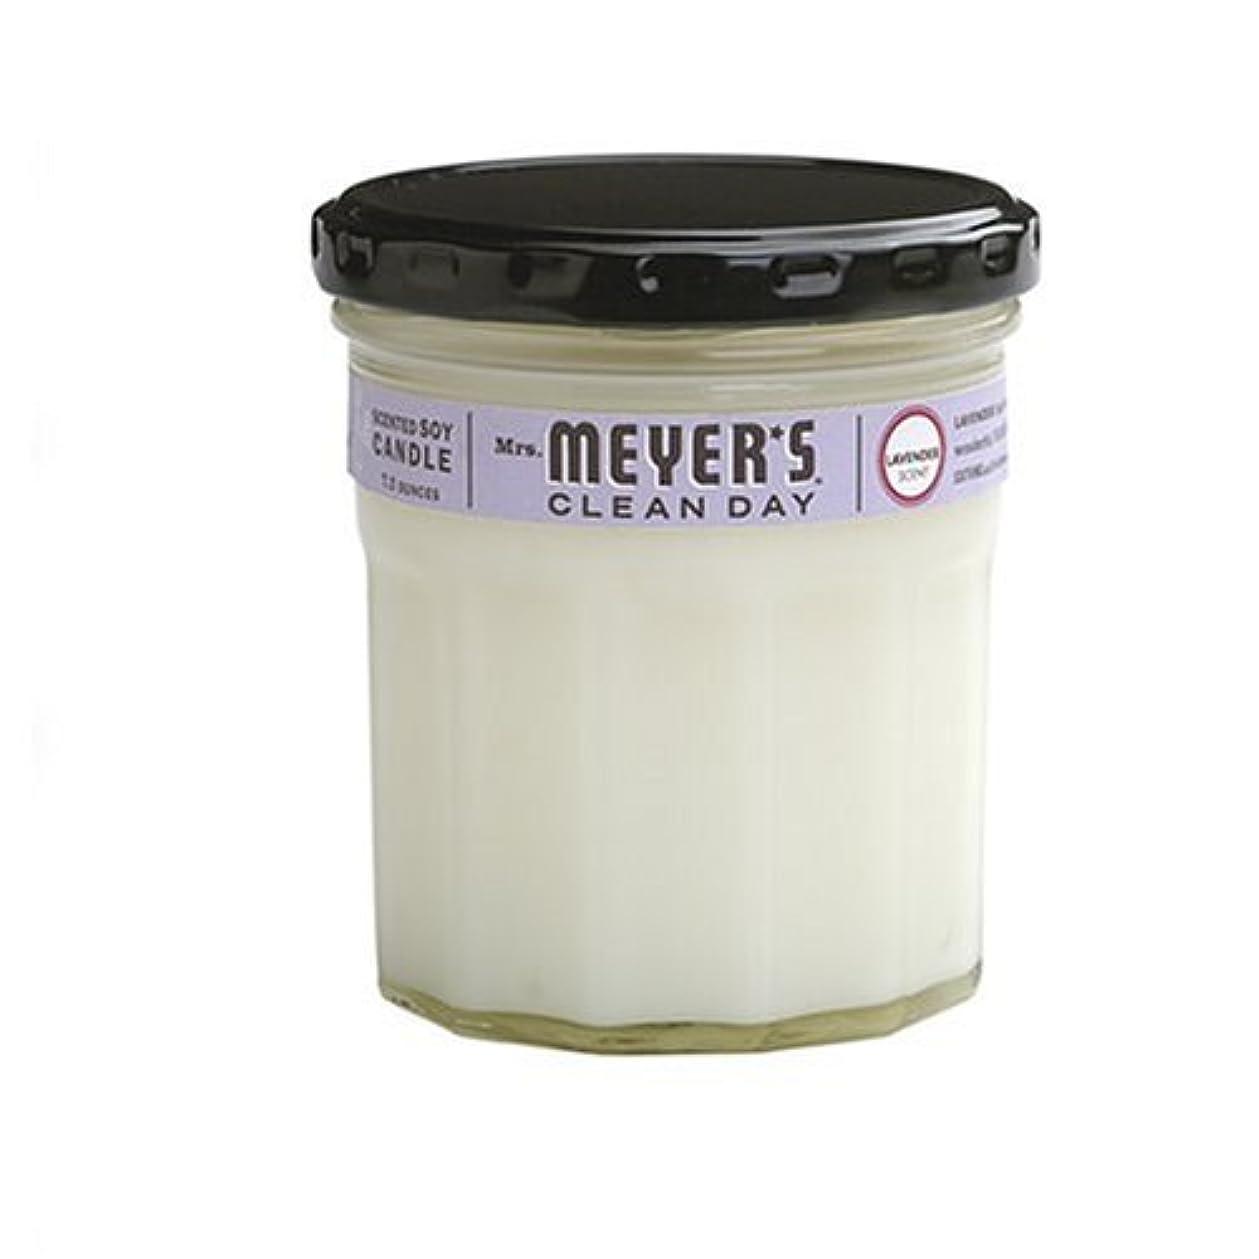 保存するナット肉Mrs. Meyer's Clean Day Soy Candle, Lavender, 7.2 Ounce Glass Jar [並行輸入品]